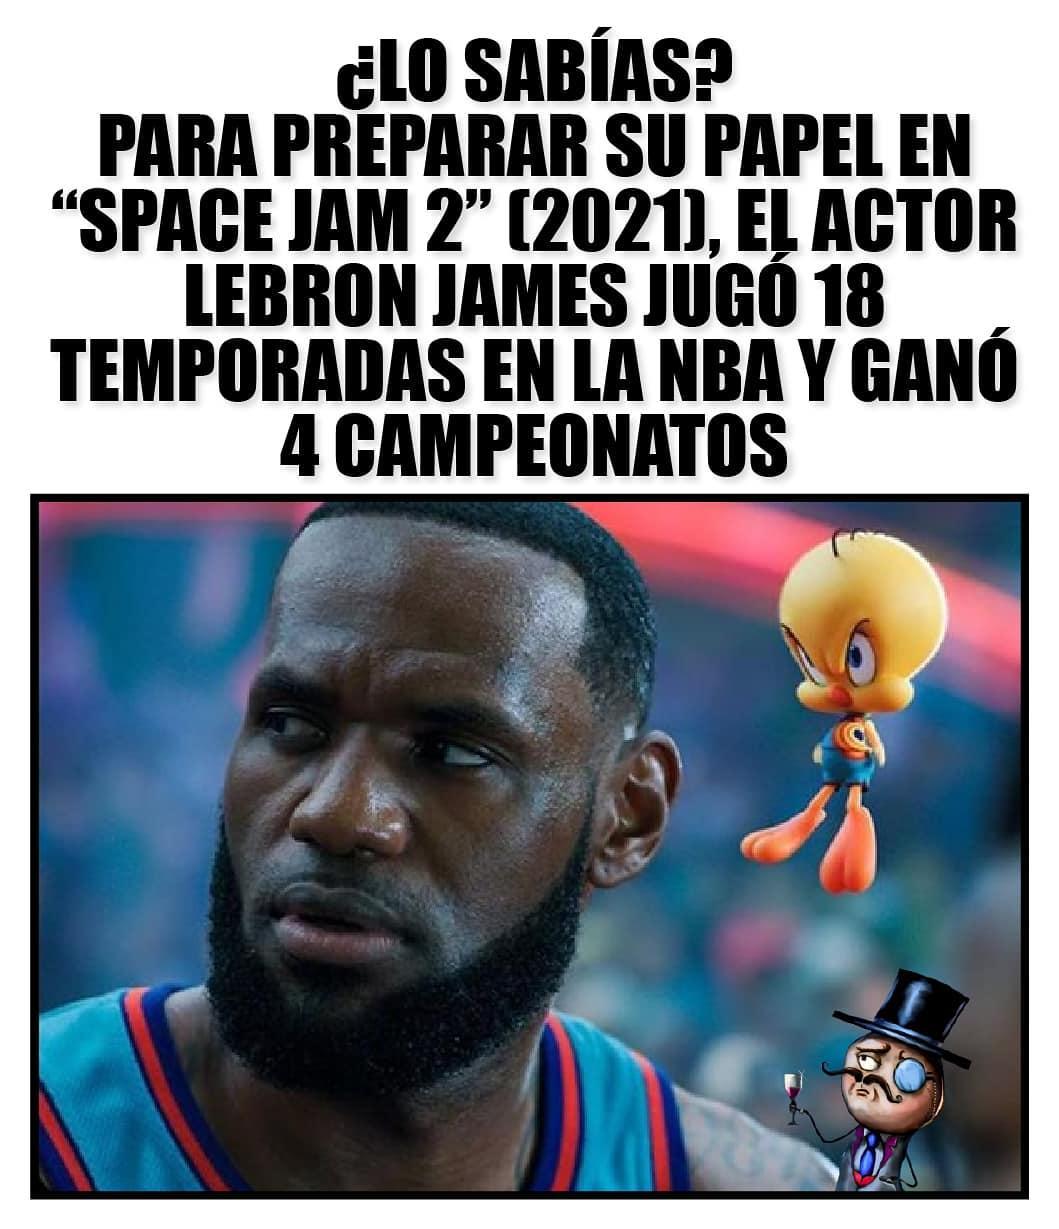 """¿Lo sabías? Para preparar su papel en """"Space Jam2"""" (2021) El actor Lebron Jamen jugó 18 temporadas en la NBA y ganó 4 campeonatos"""